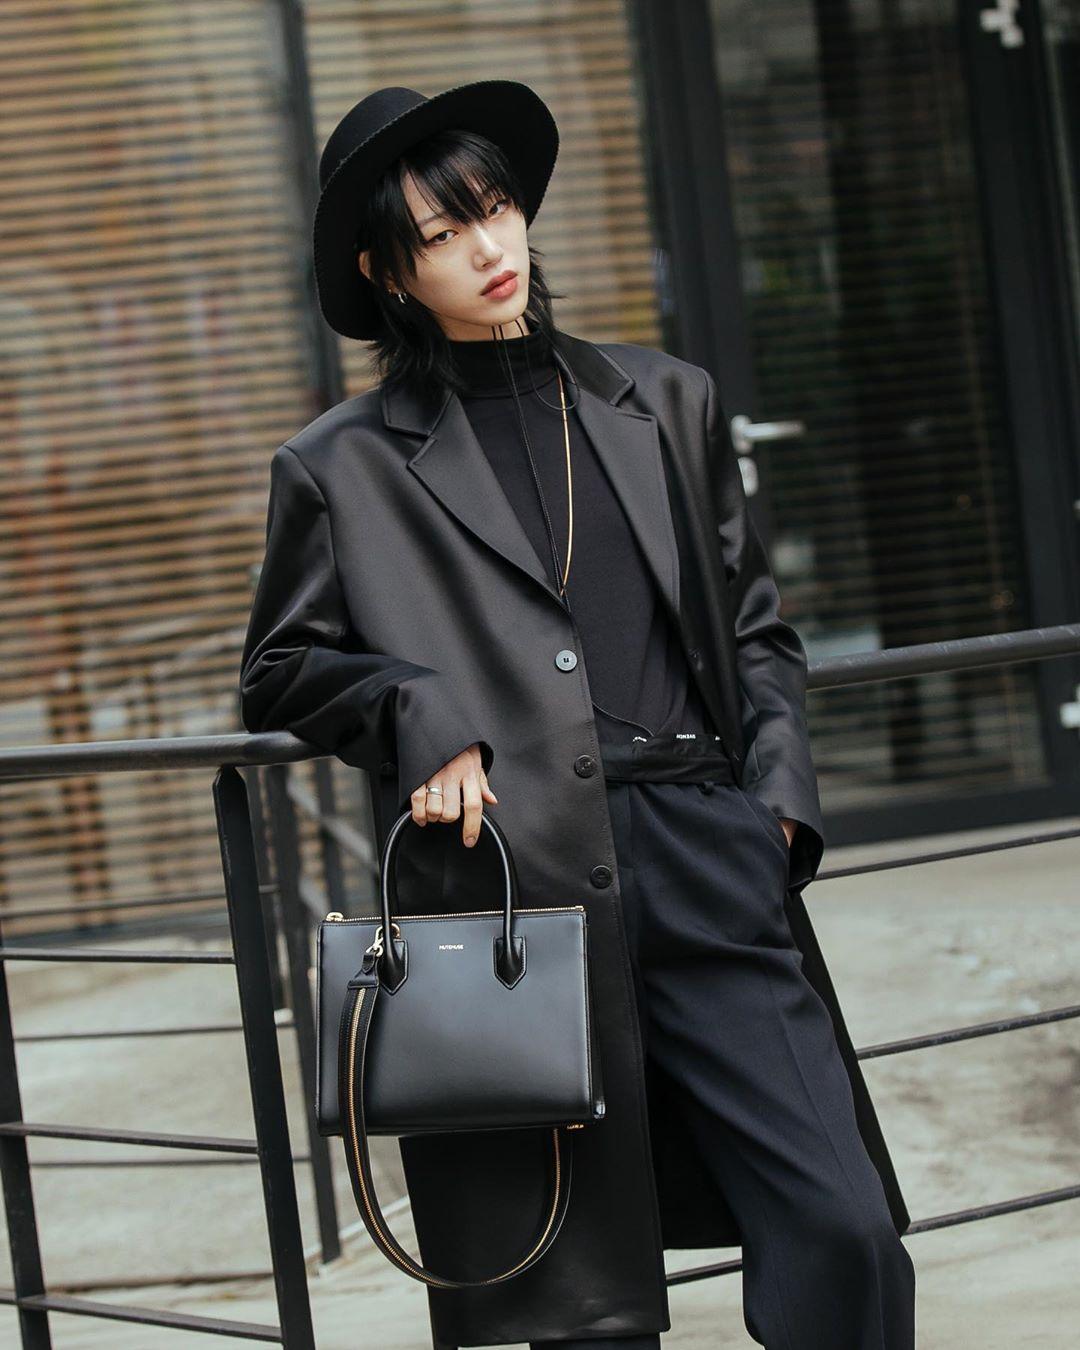 Sora Choi bộ trang phục cùng áo cổ lọ đen